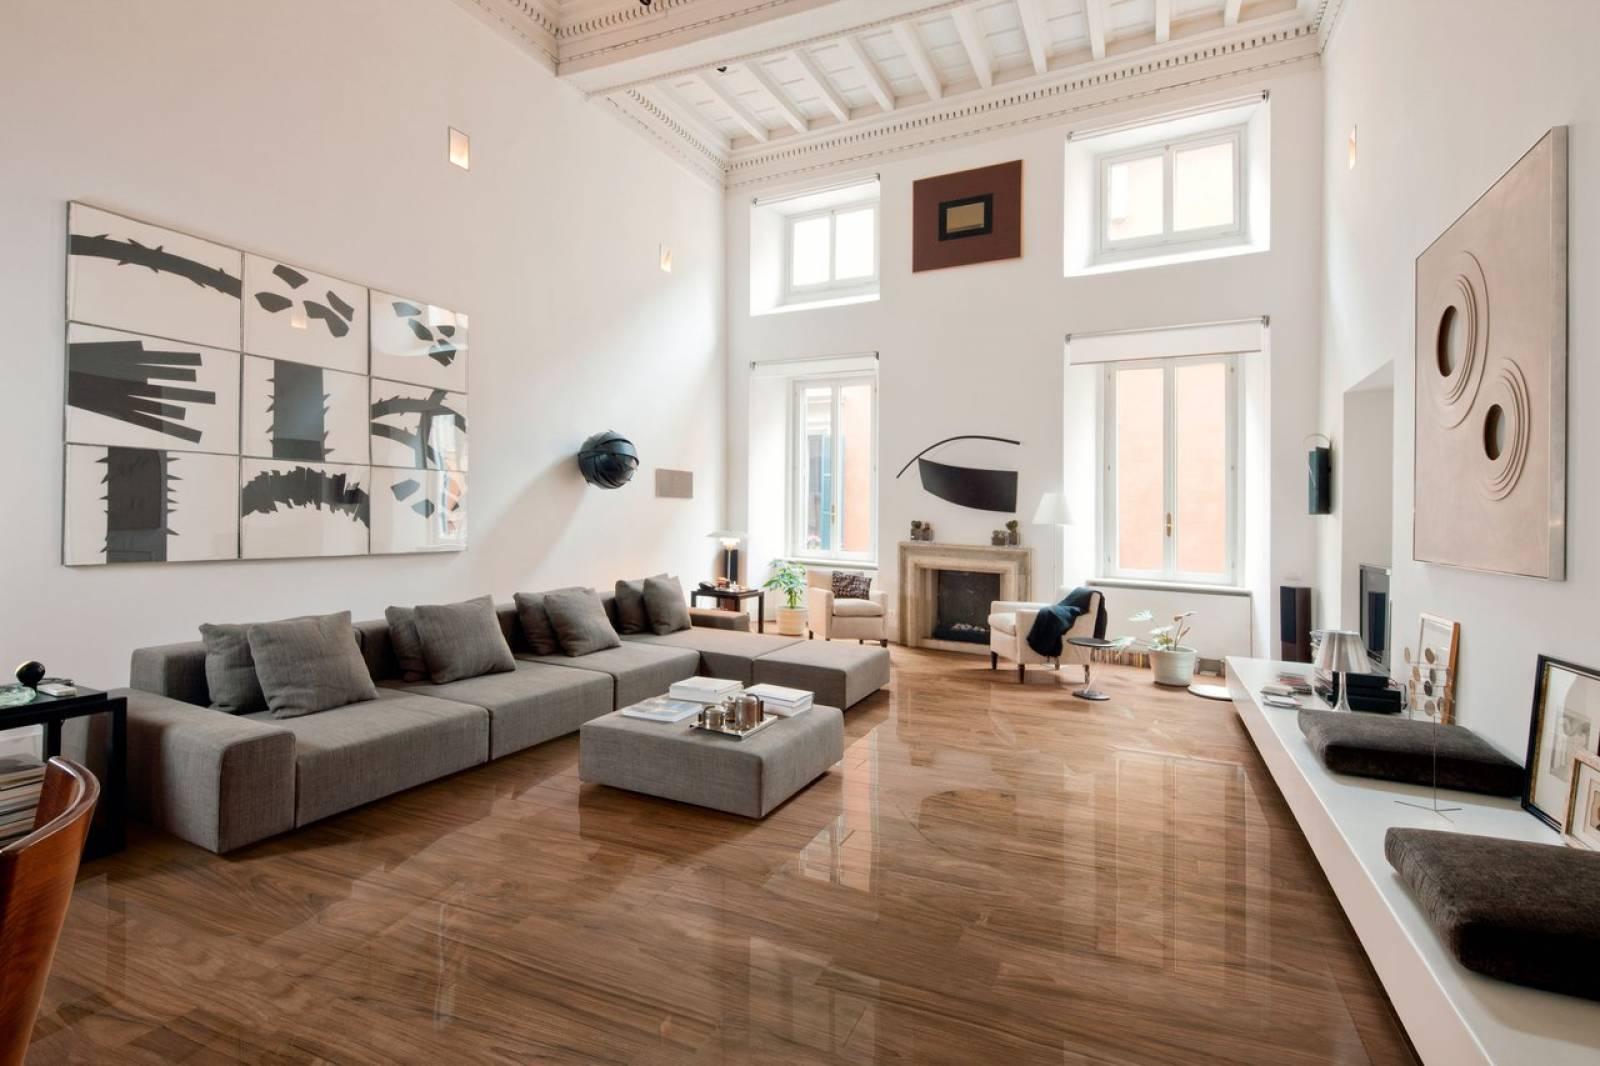 Carrelage Imitation Bois Brillant carrelage de sol intérieur en imitation bois rectifié